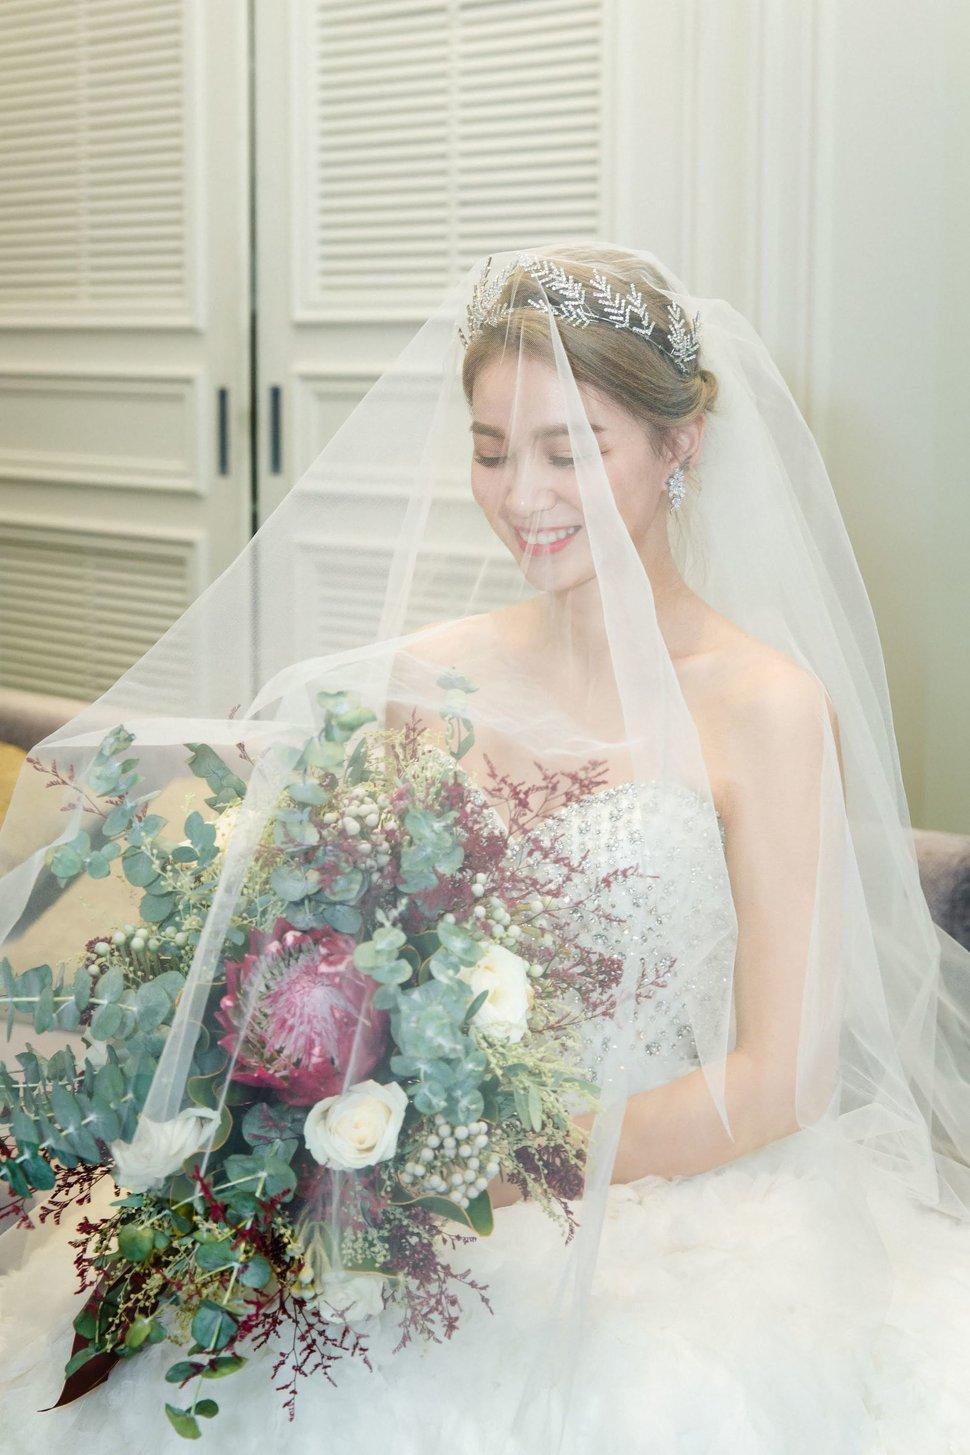 八德彭園婚禮 -美式婚禮-美式婚禮紀錄- Amazing Grace 攝影美學 -台中婚禮紀錄 - Amazing Grace Studio43 - Amazing Grace Studio《結婚吧》